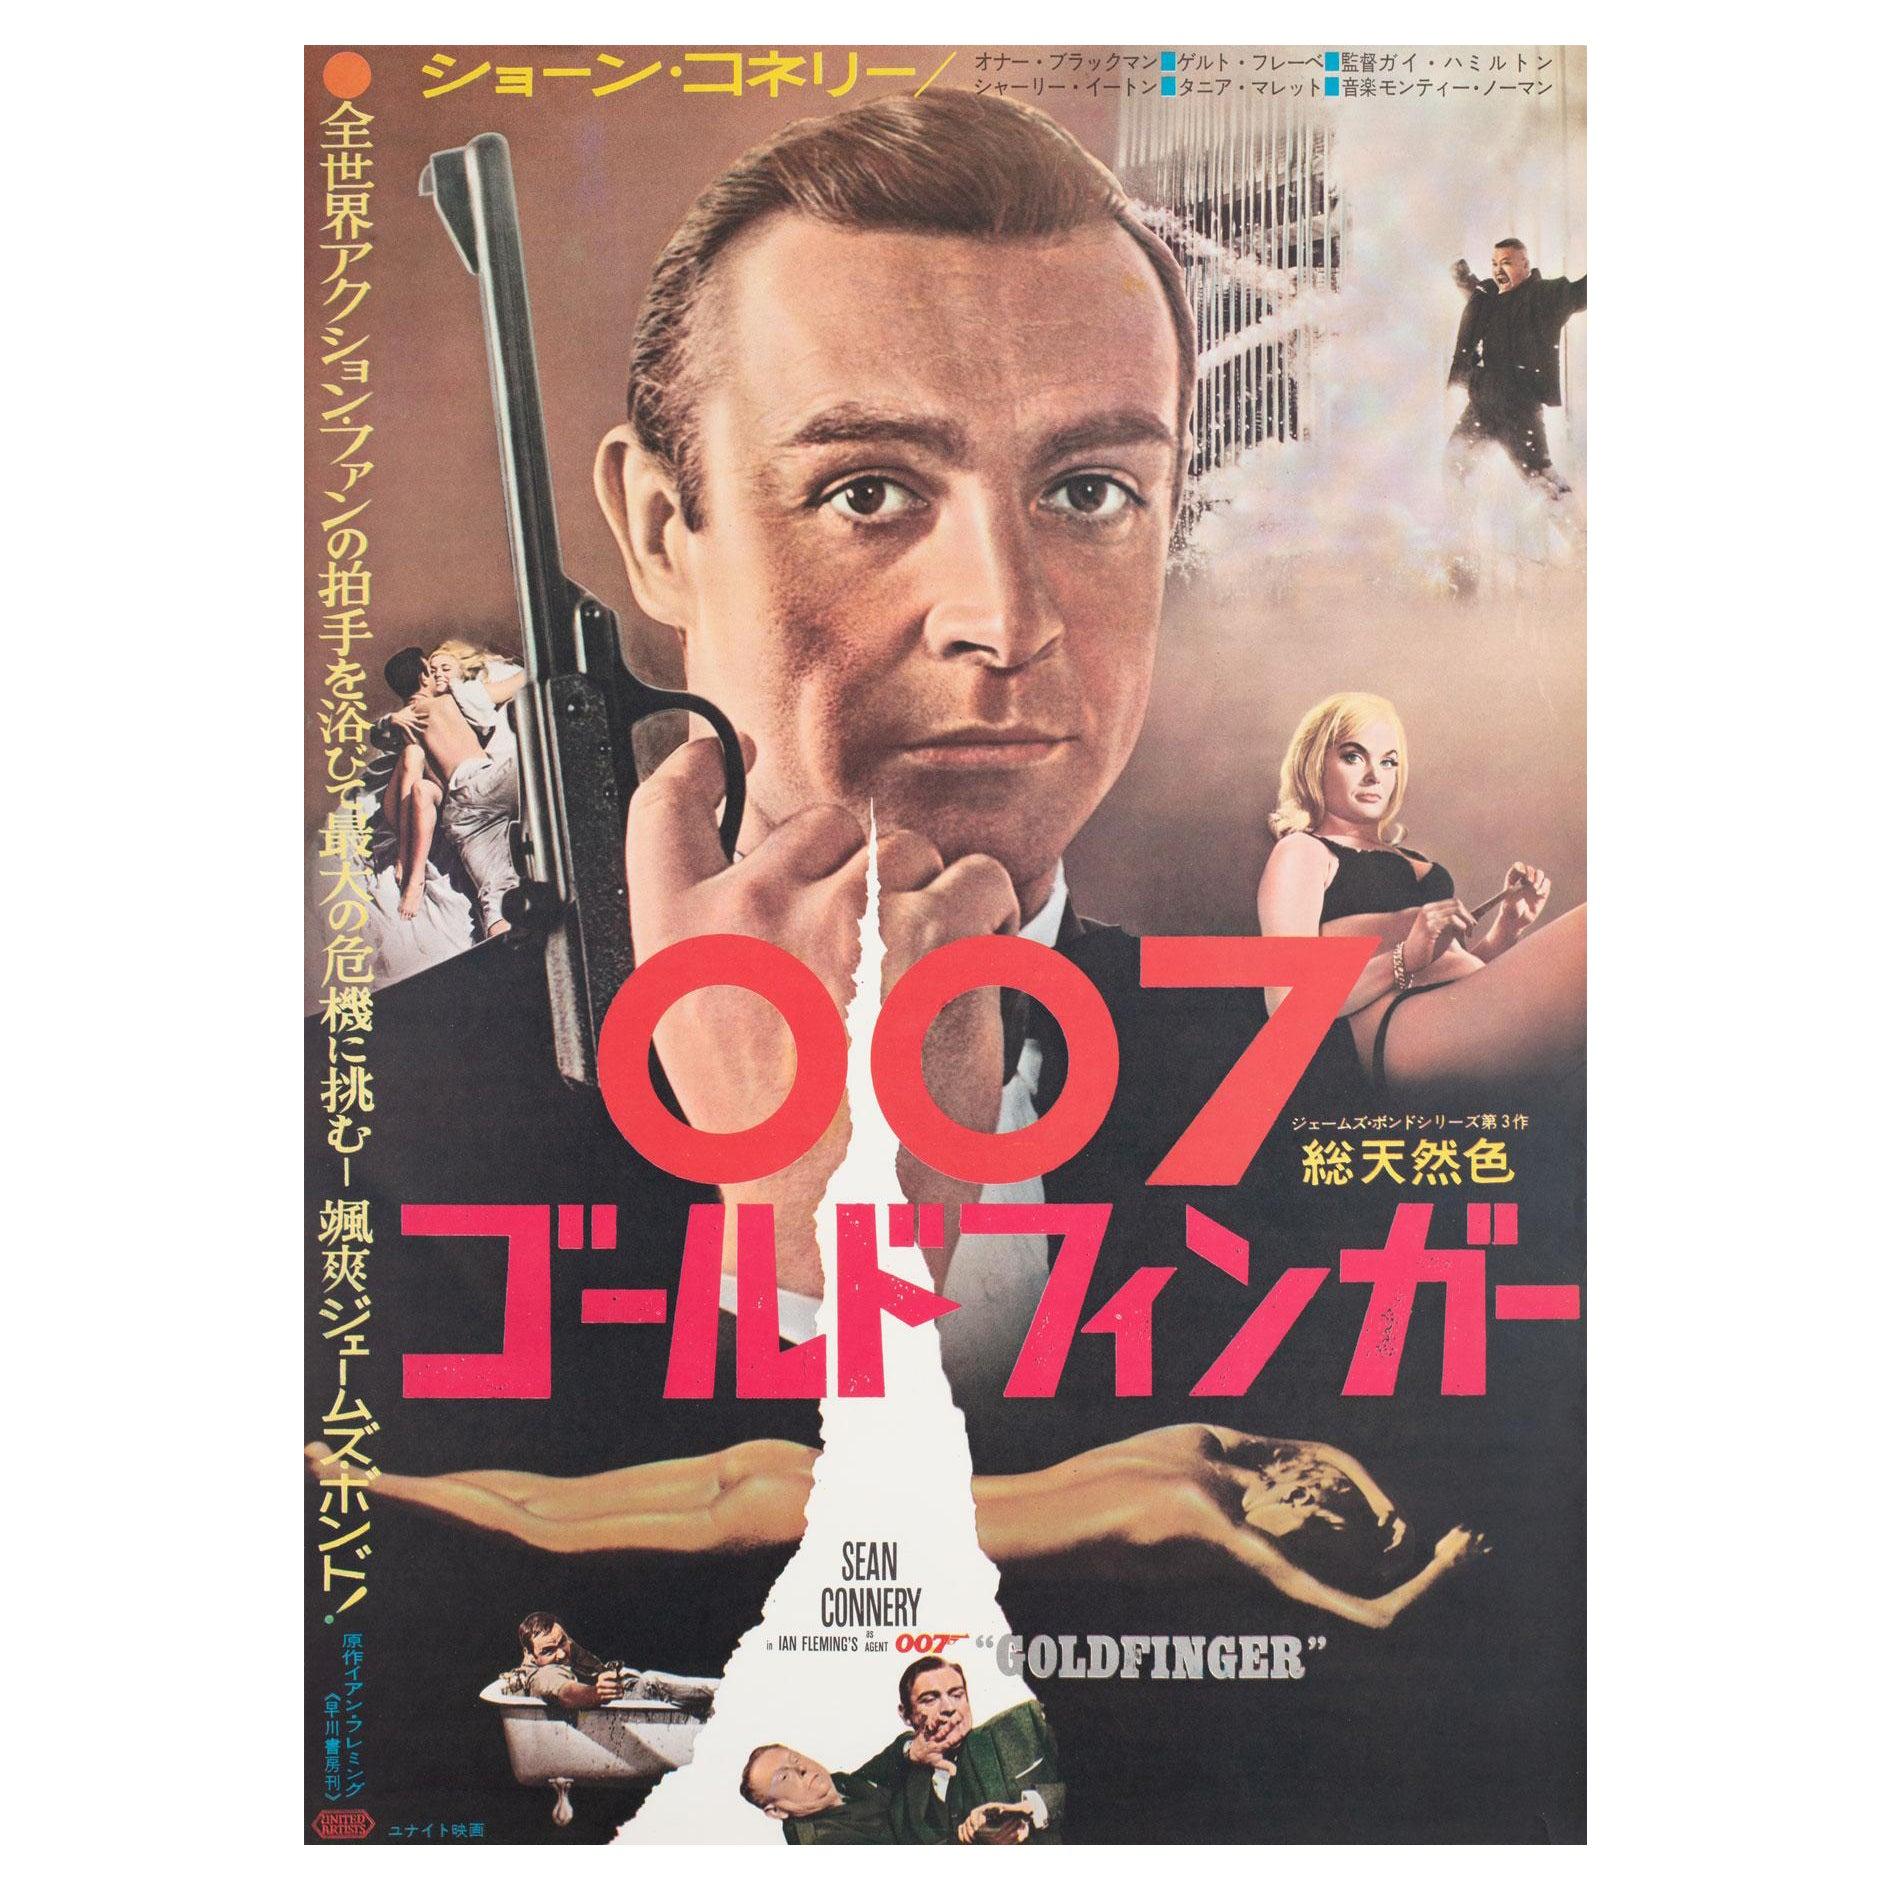 Goldfinger 1964 Japanese B2 Film Movie Poster, James Bond